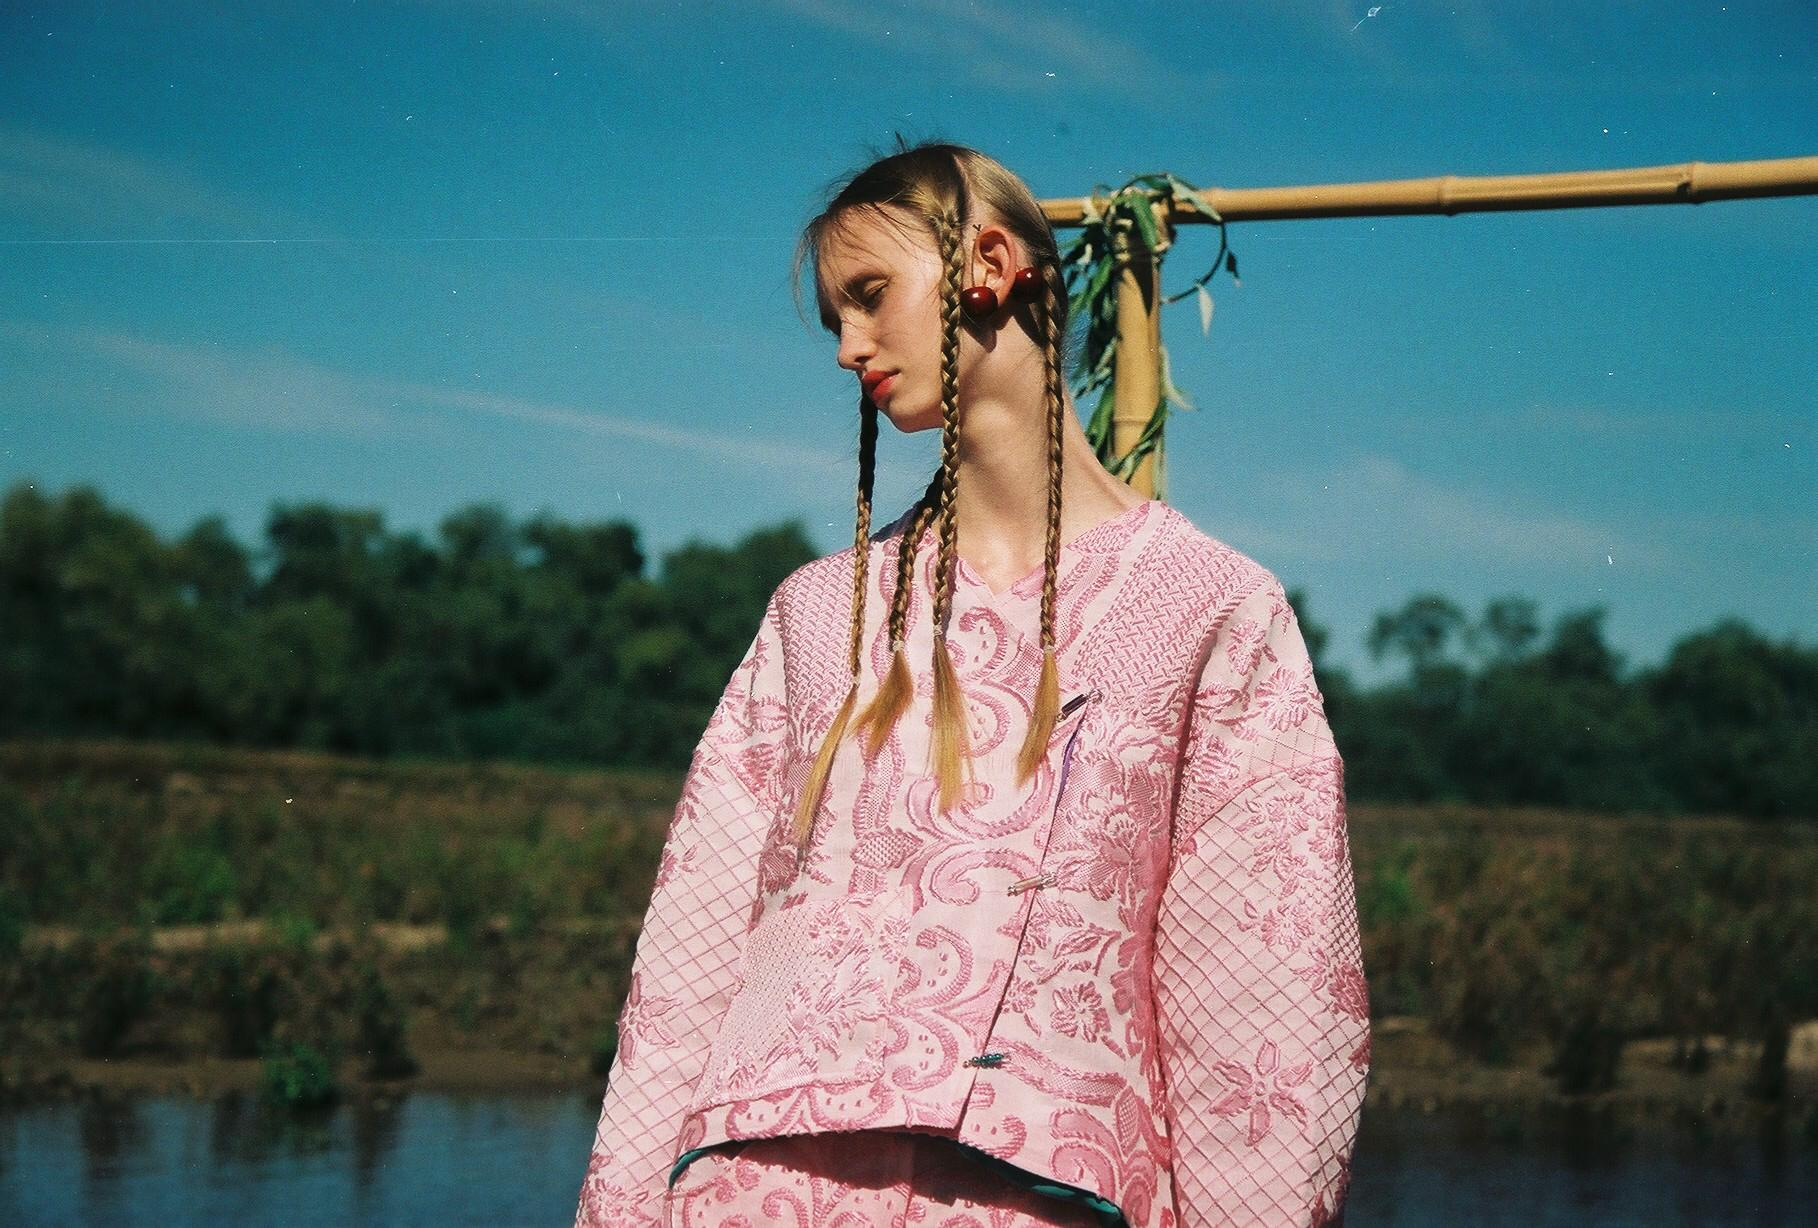 Béhen, marca de moda sustentável de Portugal, com inspiração na Índia.